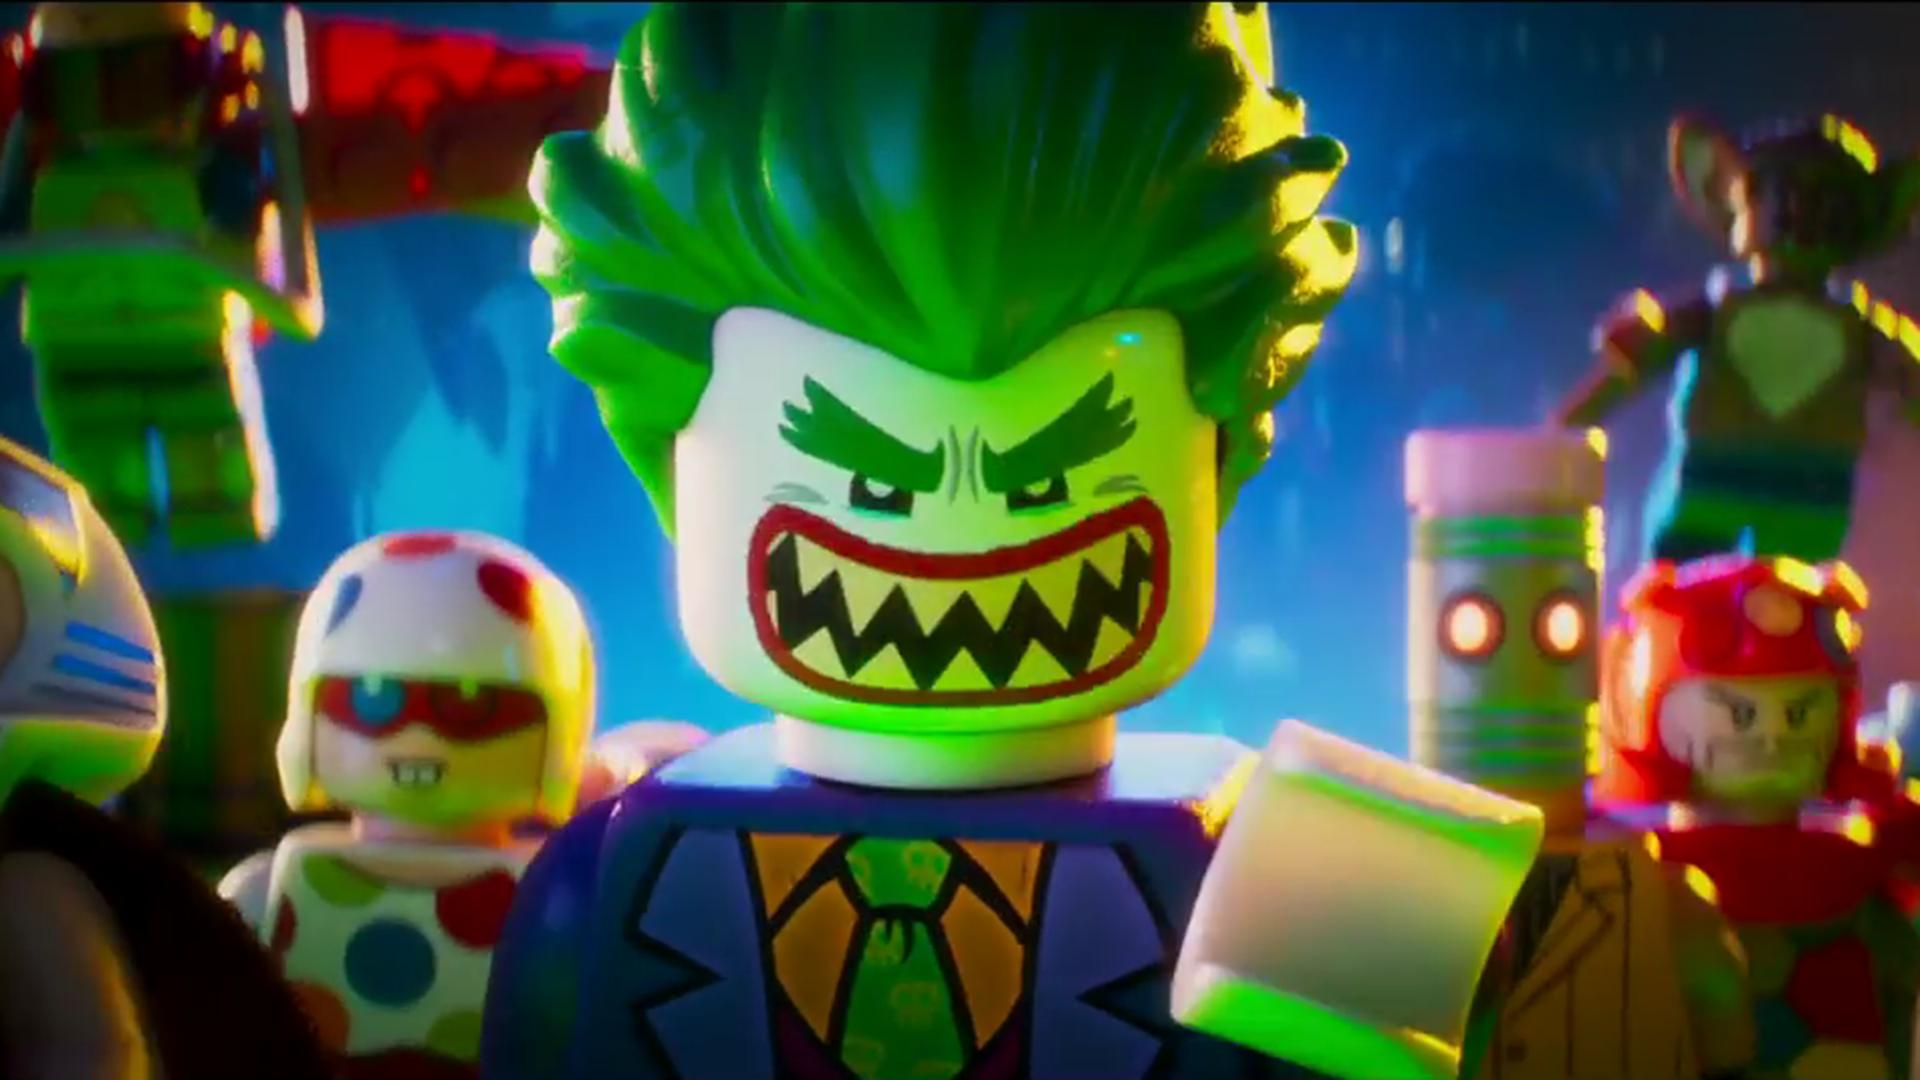 image - the-lego-batman-movie-mad-joker-hd-wallpaper | fan